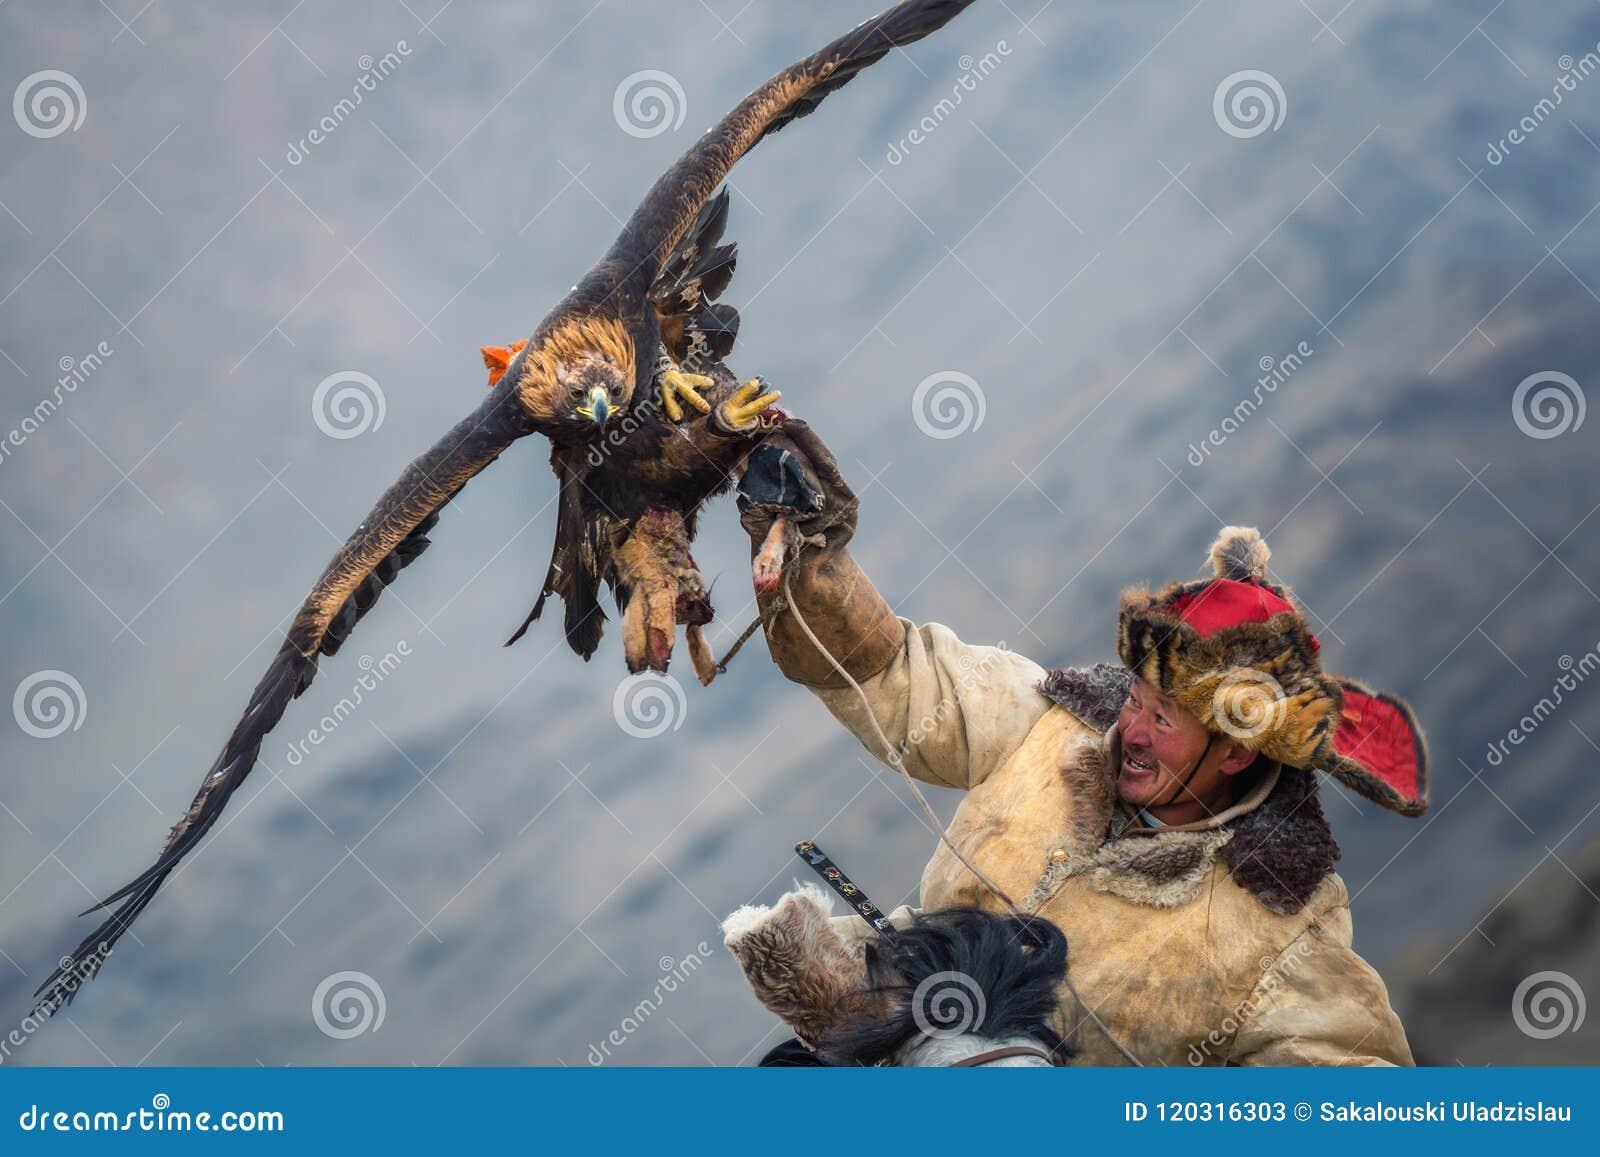 La Mongolie, Eagle Festival d or Hunter On Horse With Eagle d or magnifique, répandant ses ailes et tenant sa proie